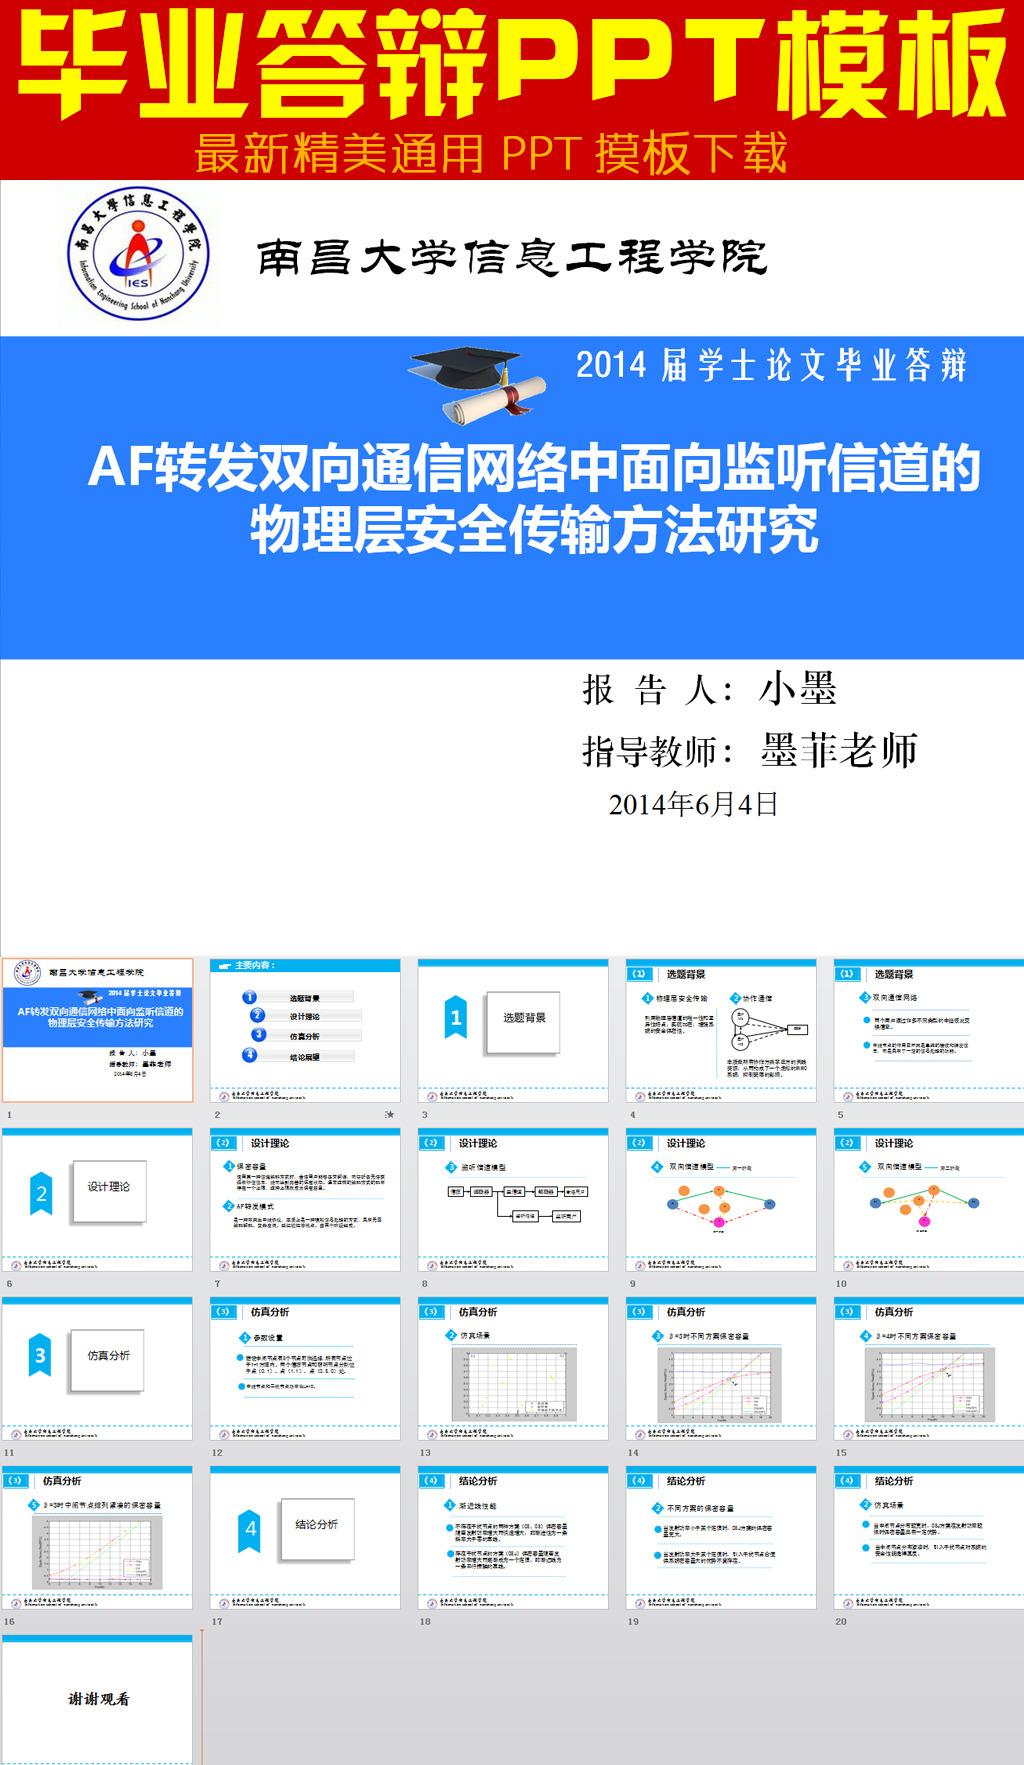 latex 论文模板分享_第9页